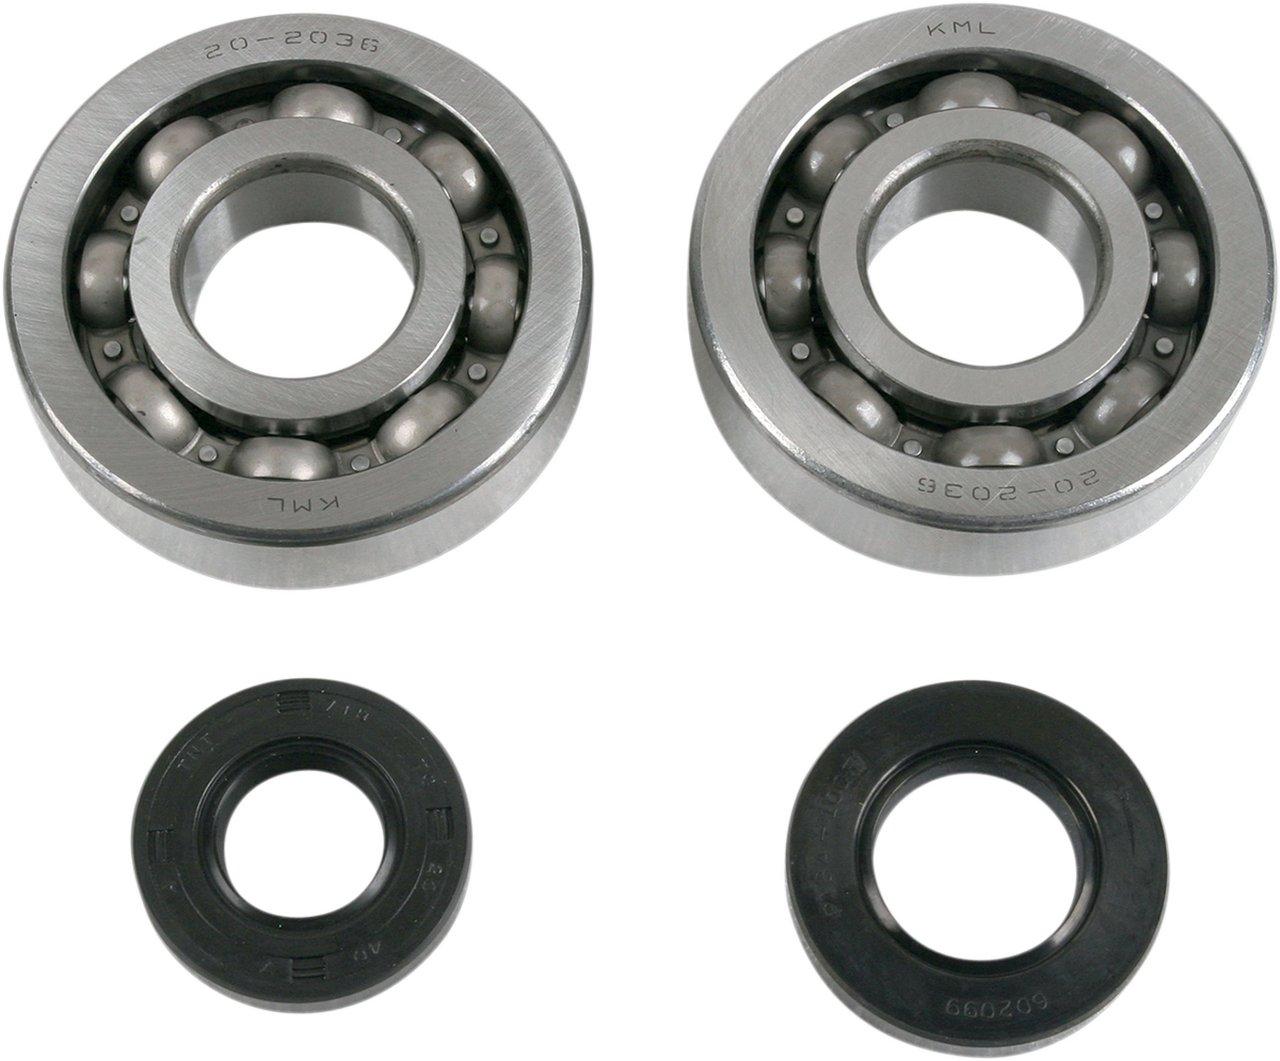 Kx250 Main Crank Bearings And Seals Kit 87 88 89 90 91 92 93 94 95 Shaft Bearing Seal Kits